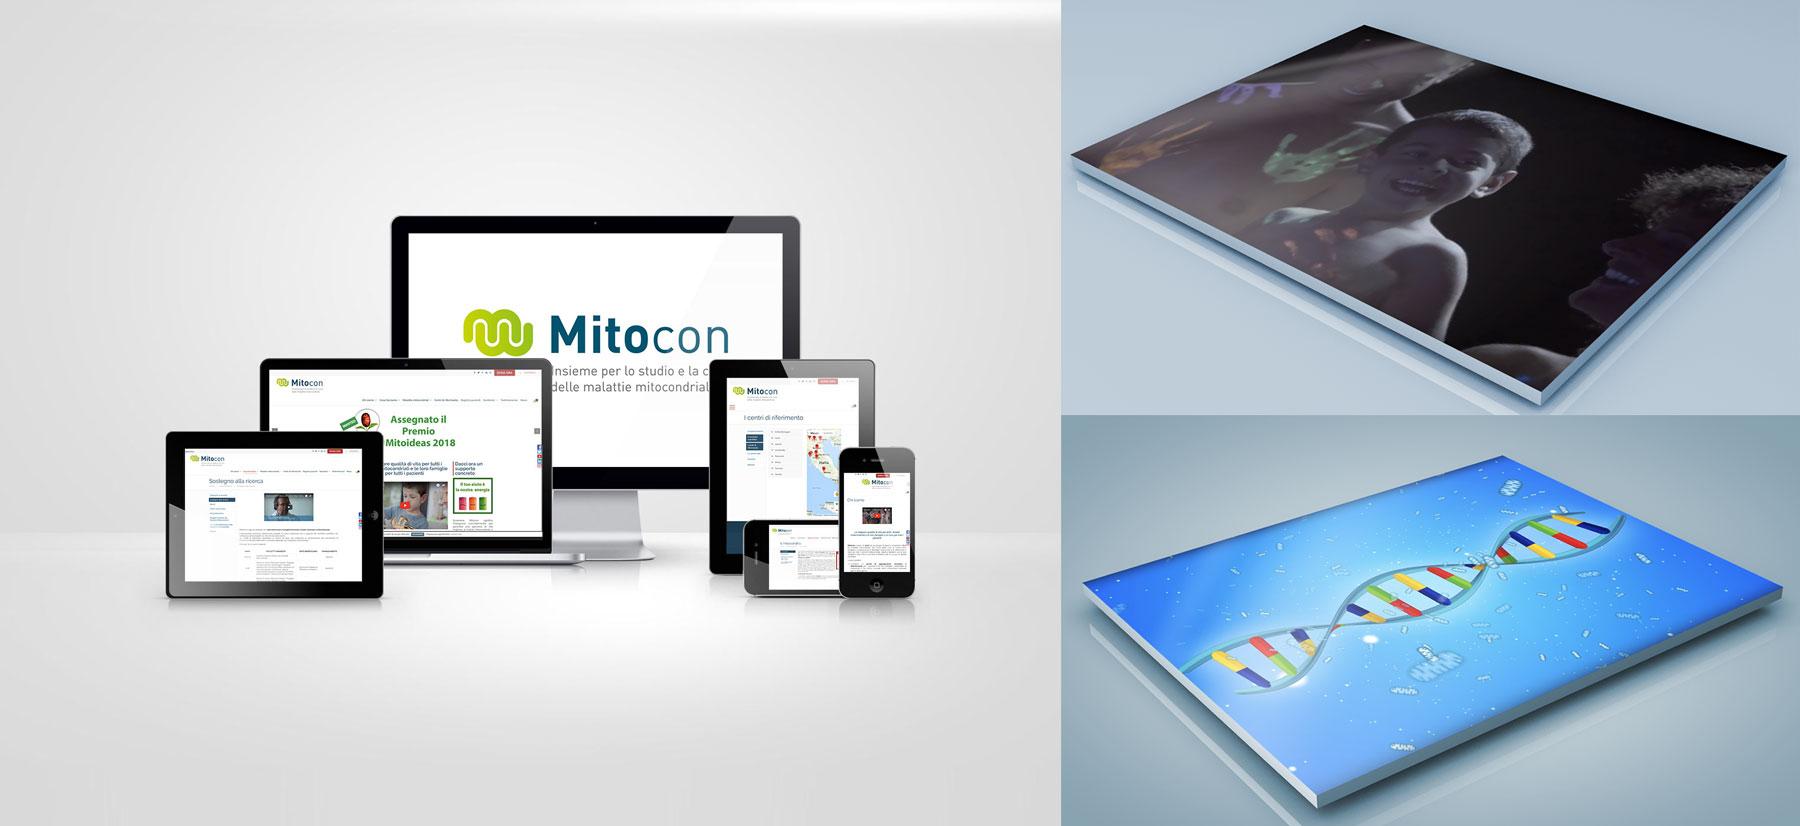 Mitocon_device